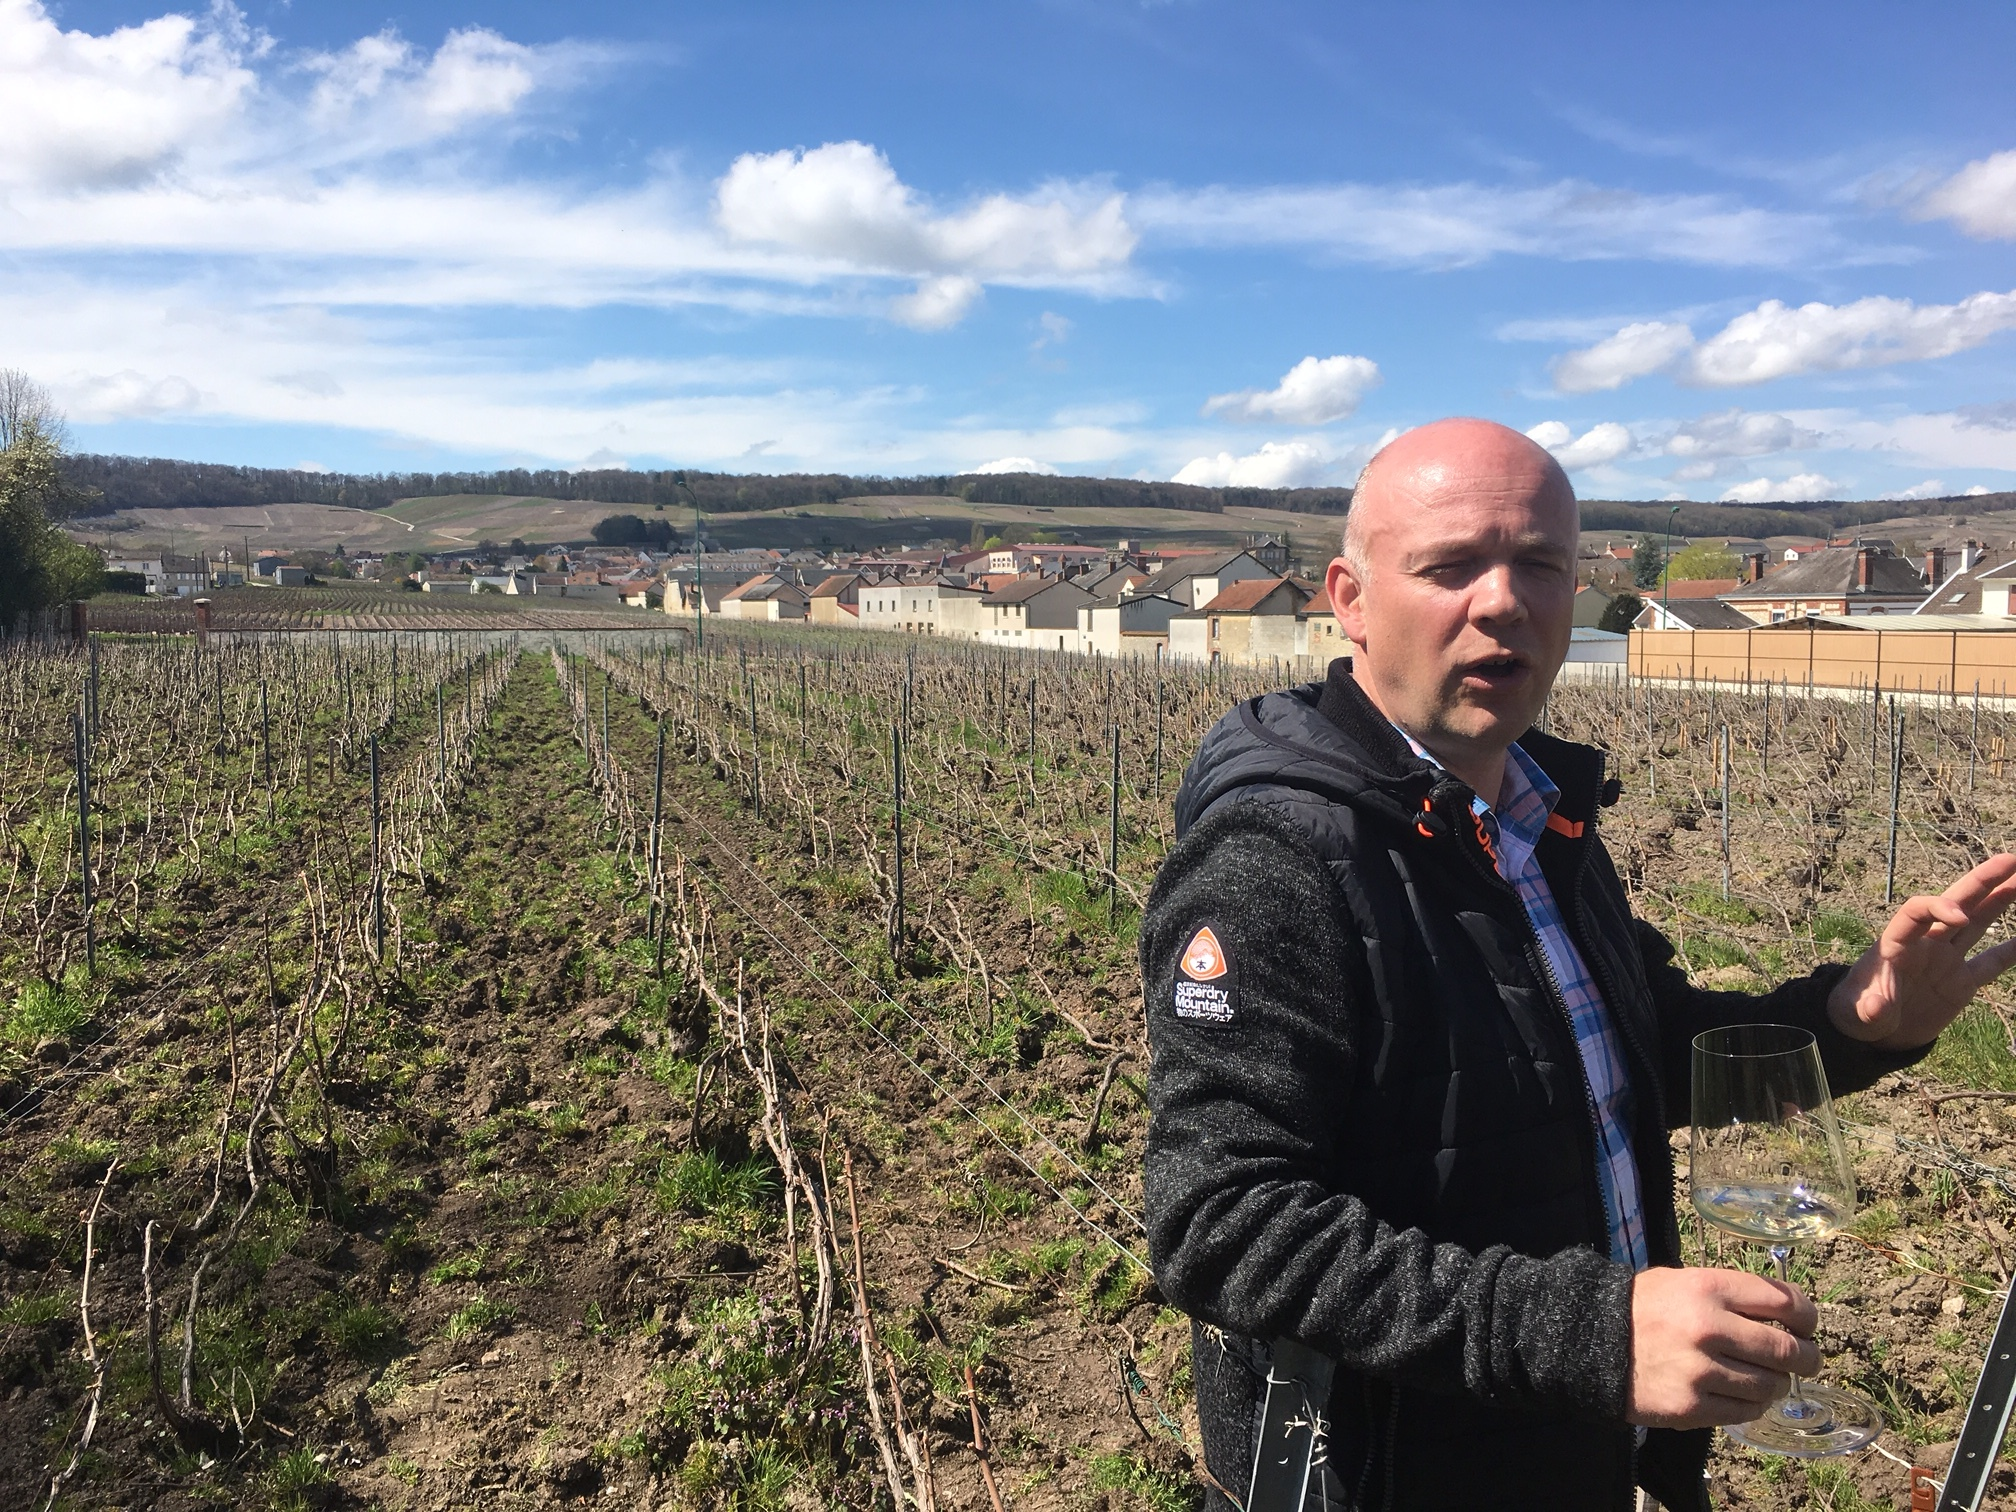 Pierre Amillet shows us around the estate vineyard